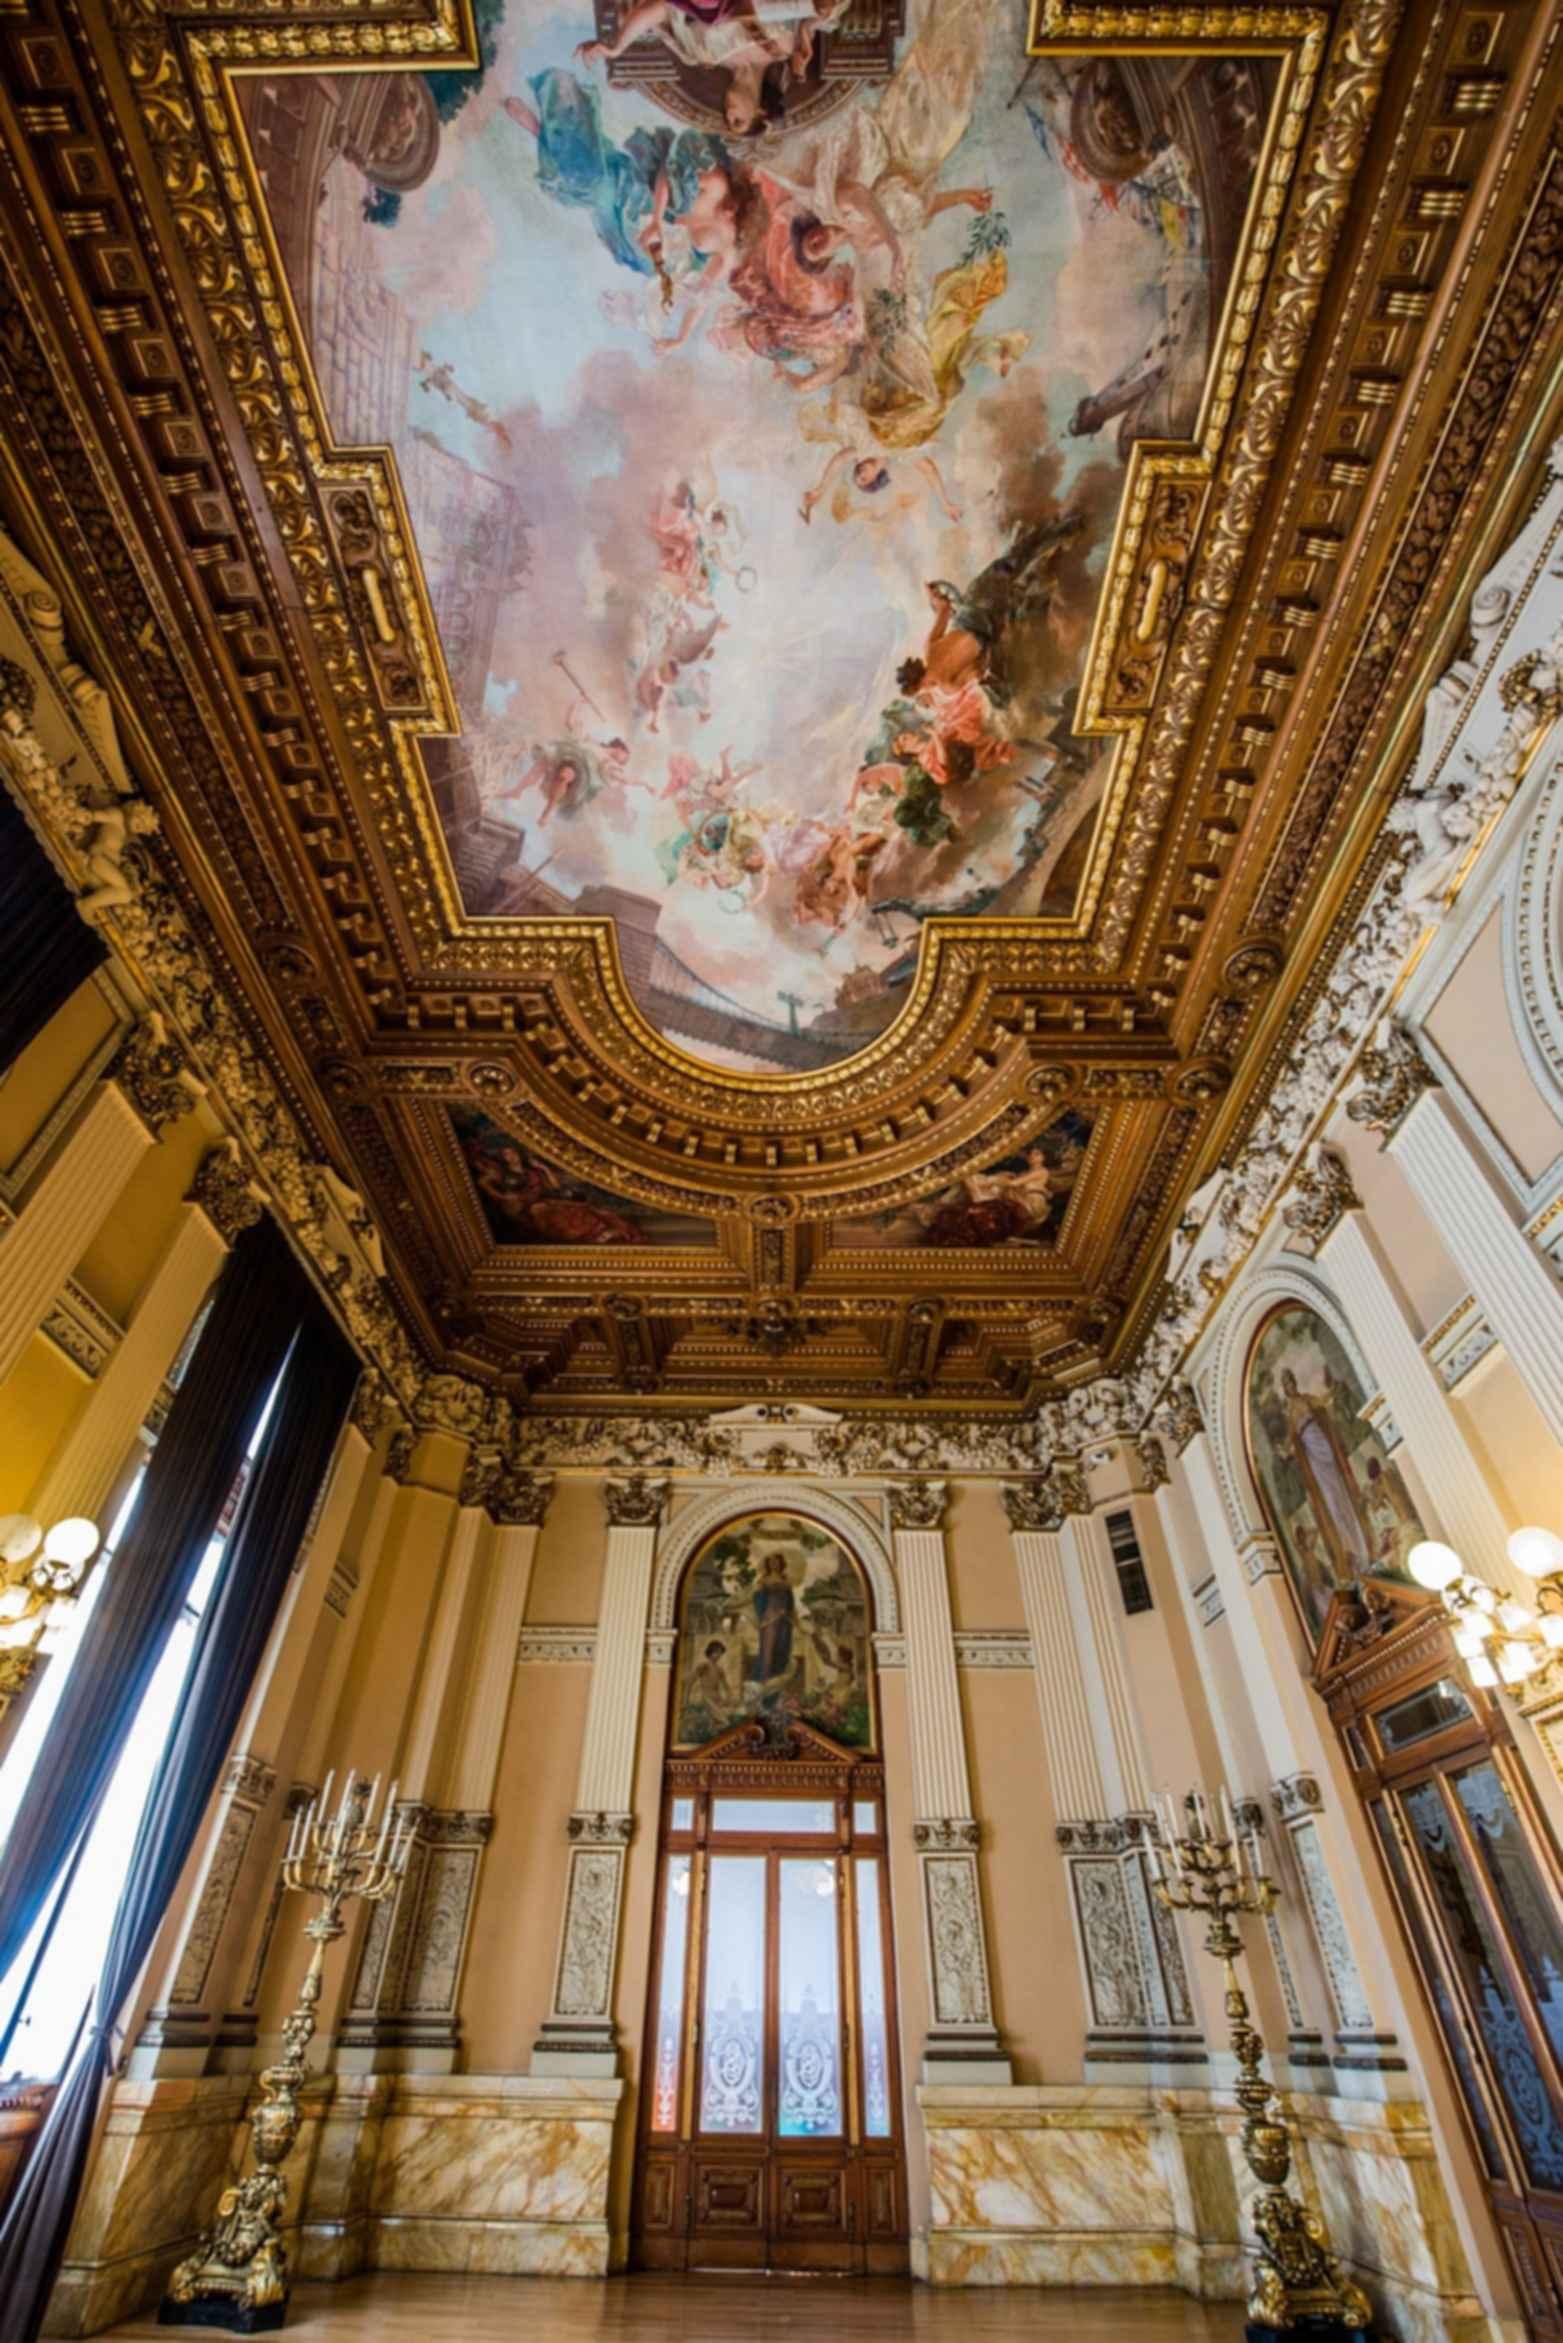 Museum Architecture - interior room